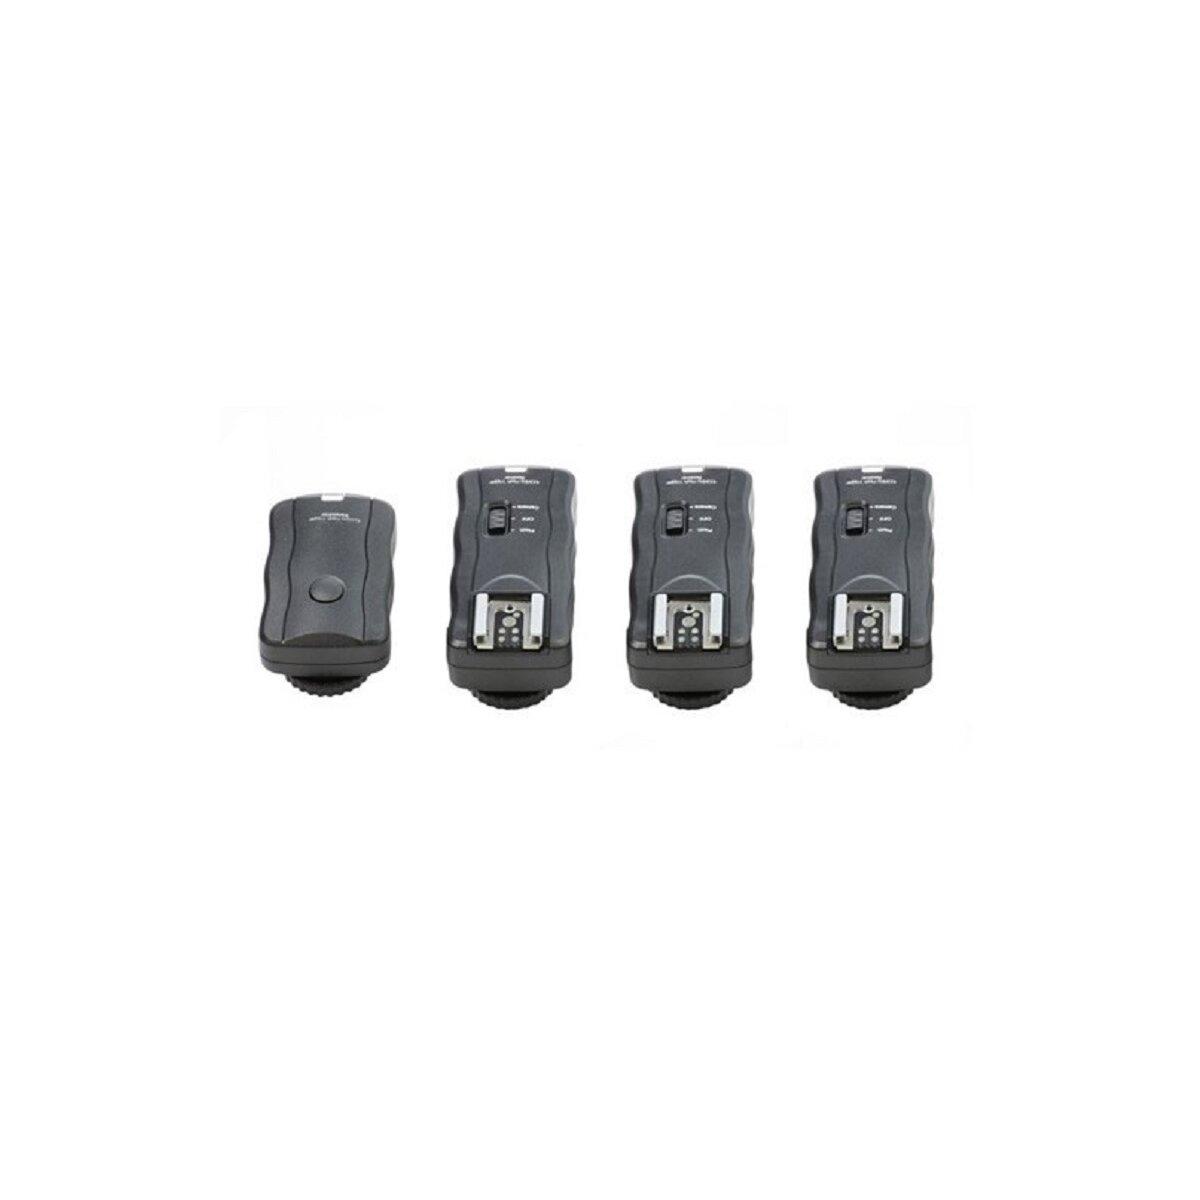 Funkauslöser fuer Blitzgerät / Studioblitz / Kamera bis 30m mit 3 Empfängern für fast alle Blitzgeräte z.B.kompatibel mit Canon 600EX-RT, 580EX II, 430EX II - Nikon SB-910, SB-900, SB-800 u.v.m.